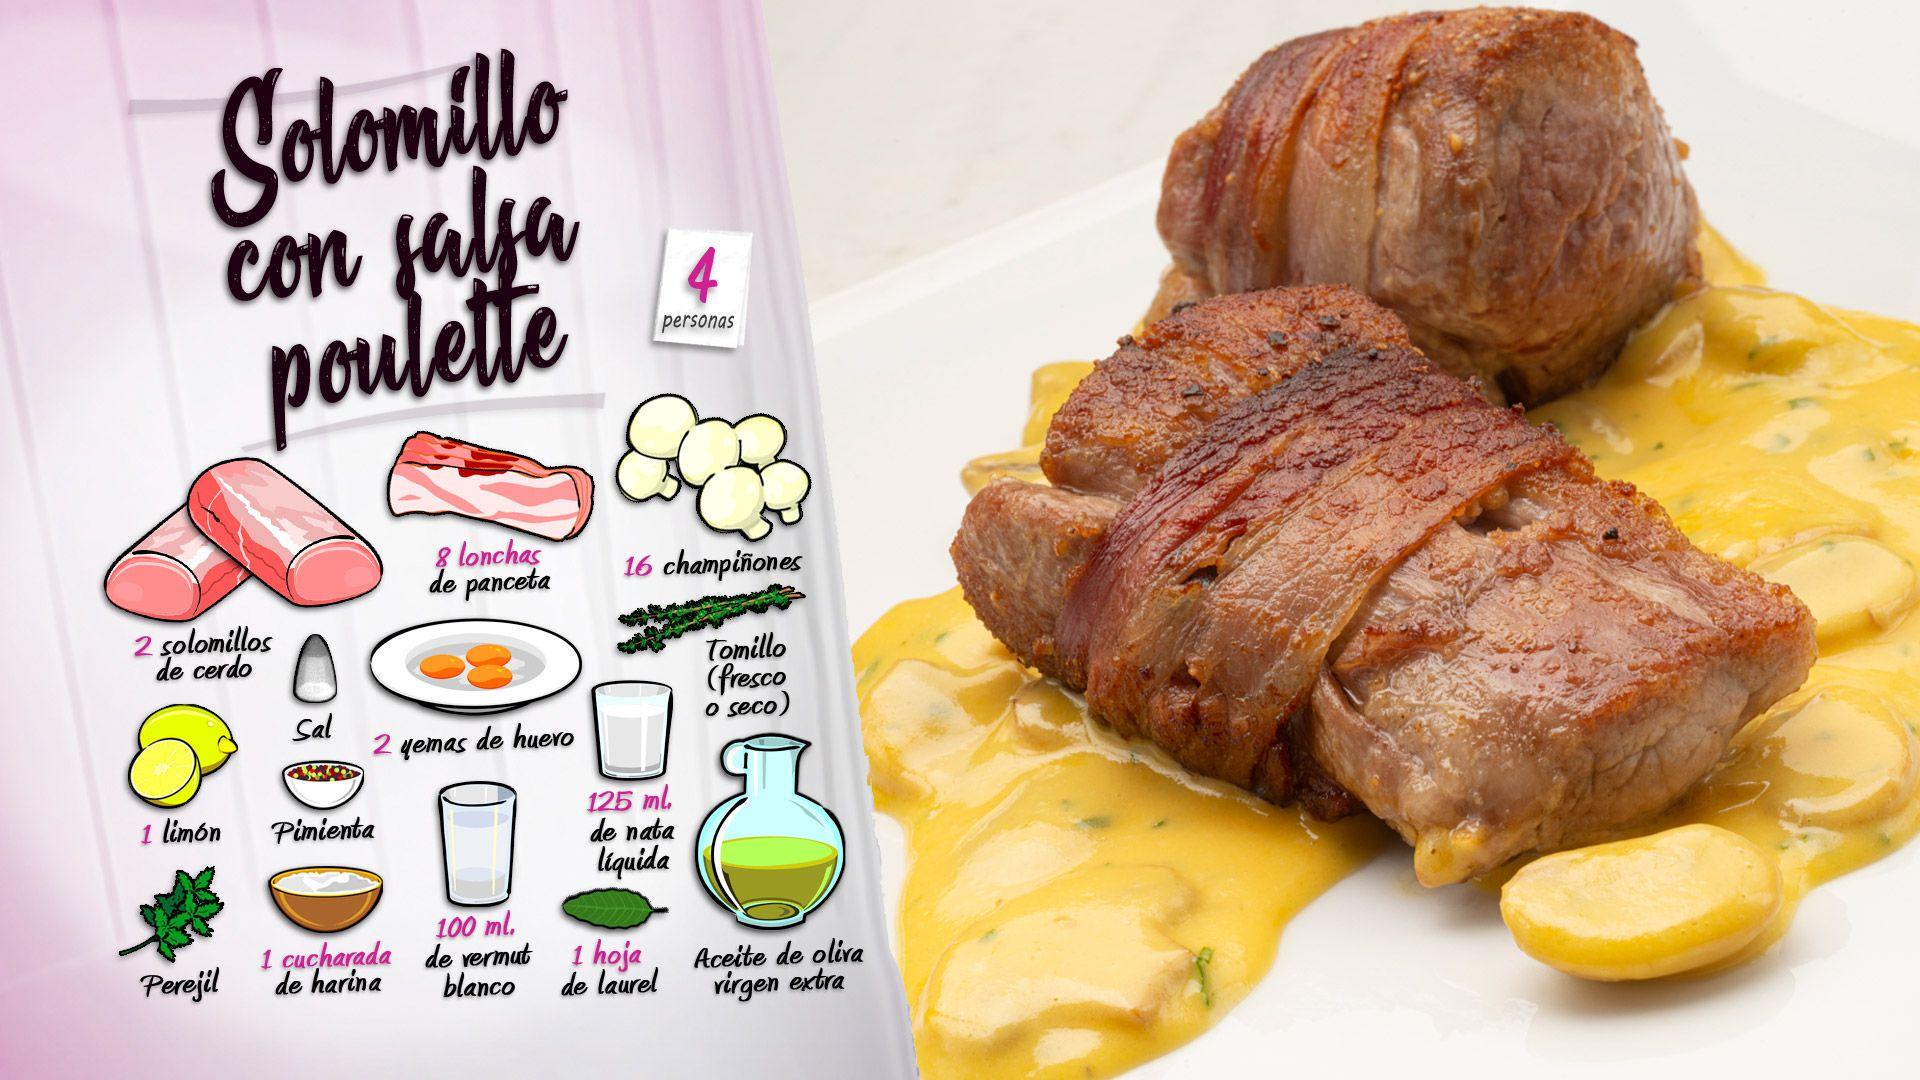 Solomillo de cerdo con salsa poulette por Karlos Arguiñano - Ingredientes